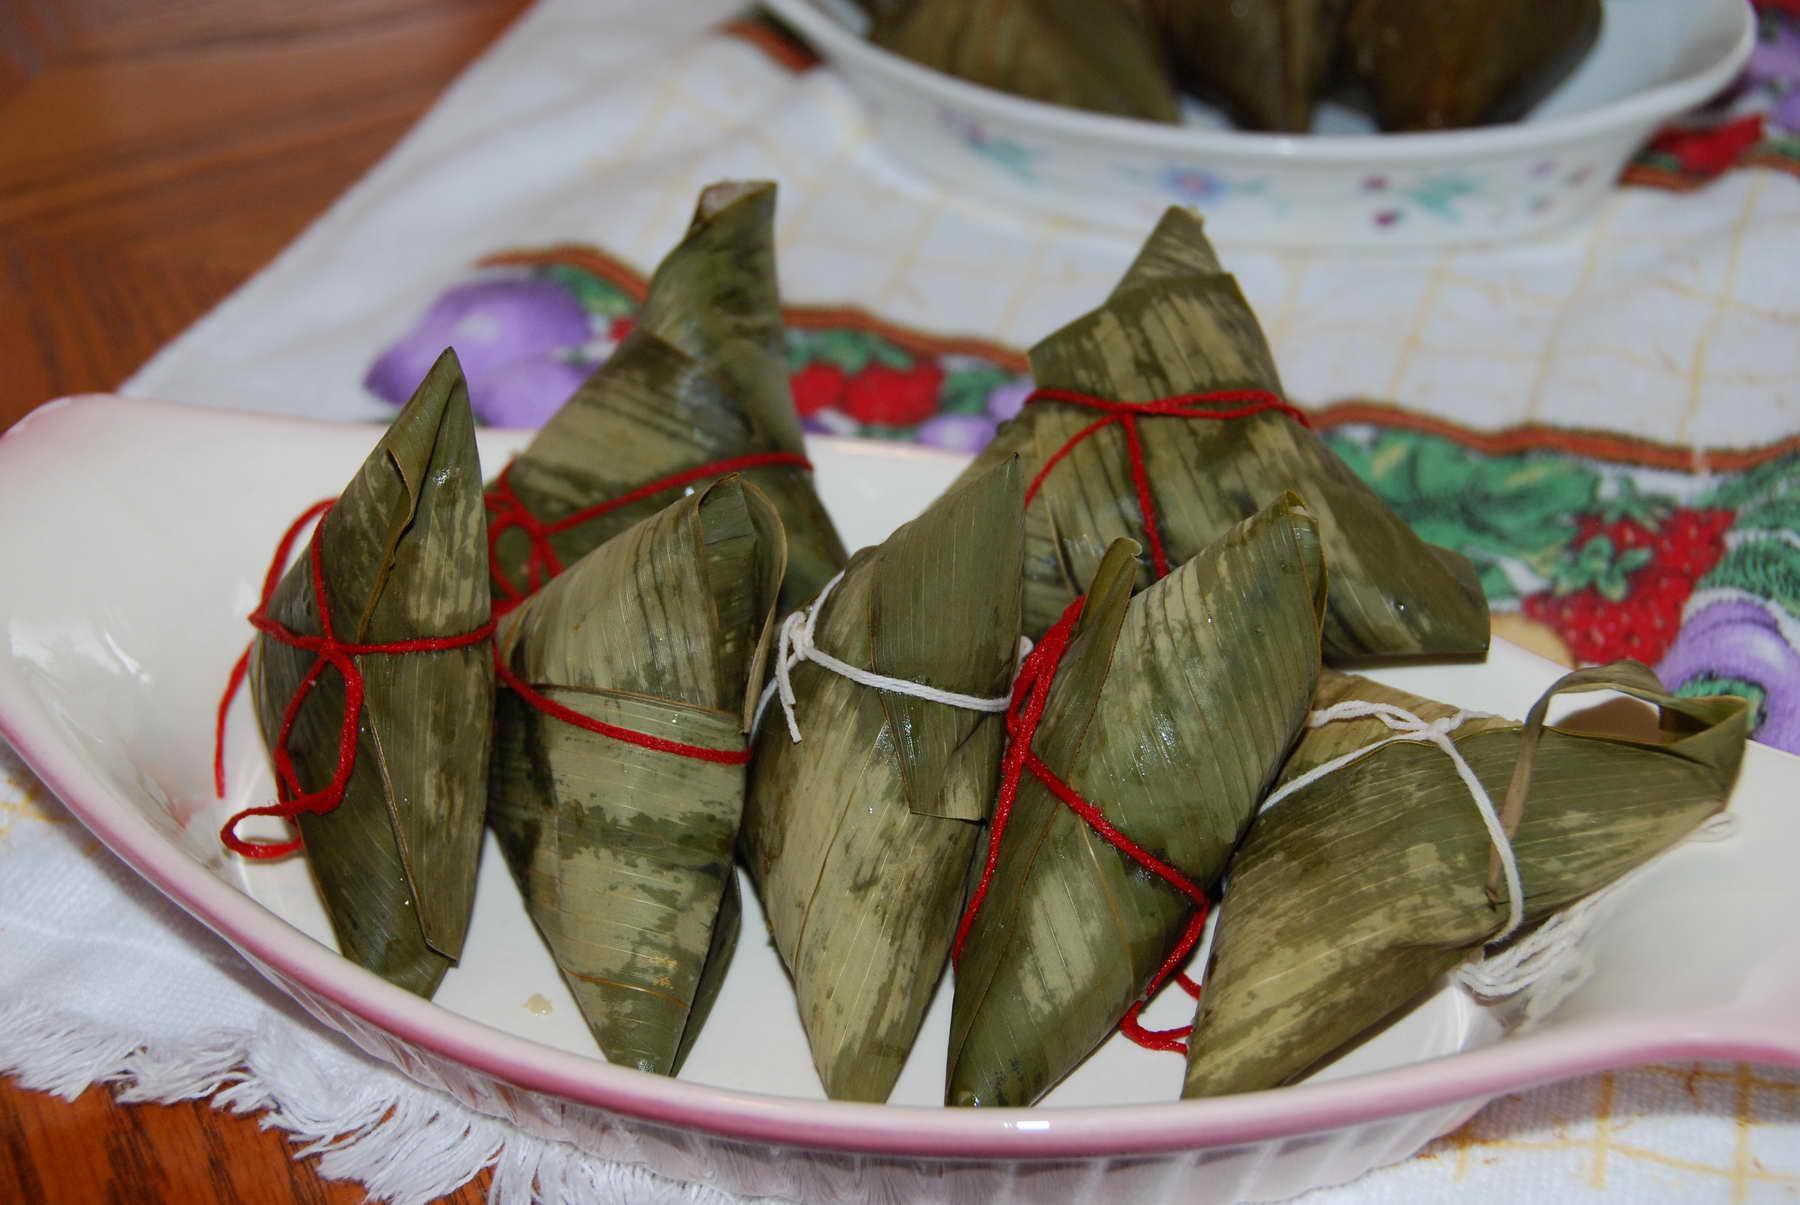 俺没文化,像端午节来龙去脉这样的话题,各位还是去看戴作家们的贴好了。想吃粽子的来看俺的贴吧。今年包了三种粽子,白,甜,咸,各包了一些。白粽子就是纯糯米,煮熟了蘸白糖吃,这是小时候年年吃的。甜粽子俺今年用的是红豆沙,偷懒了,买的北京的京日红豆馅。咸粽子俺从报纸上剪了一个方子,试了一试,味道很不错的: 1 将长糯米洗净用凉水侵泡4小时 2 红葱头切细,泡软香菇切丁,虾米洗净备用,五花肉切块备用 3 起油锅先将红葱头爆香,再放入虾米香菇猪肉,爆香放入蚝油备用 4 侵泡好的糯米用粽叶包起填馅料 5 放入滚水里煮